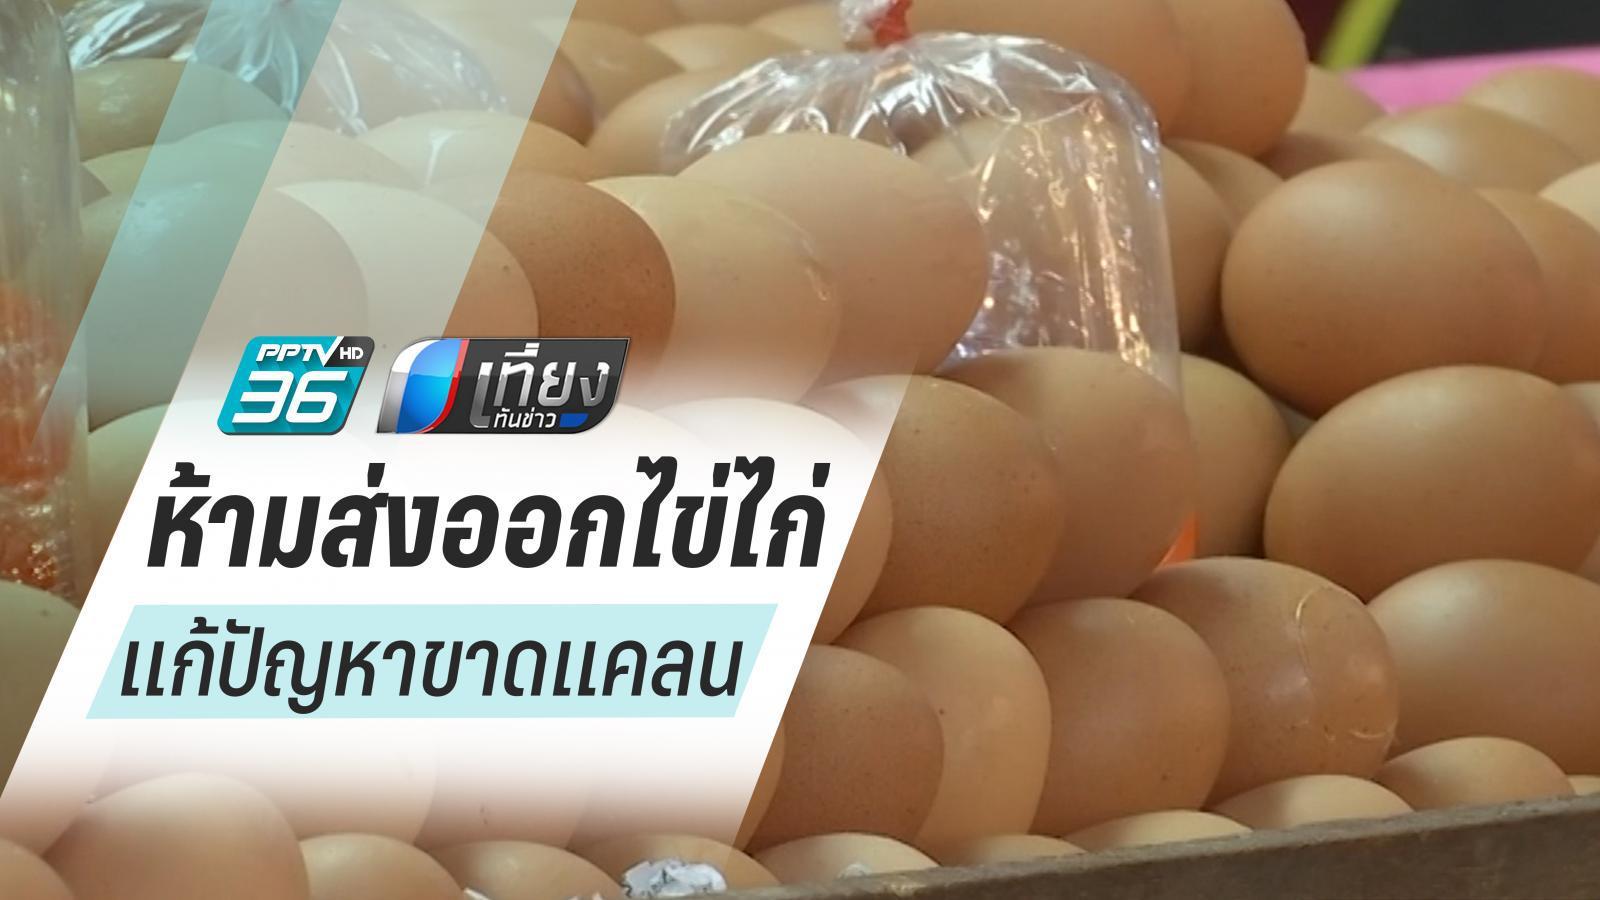 """""""พาณิชย์"""" สั่งเข้ม กักตุน-ขายเกินราคาไข่ไก่ มีโทษทั้งจำทั้งปรับ"""